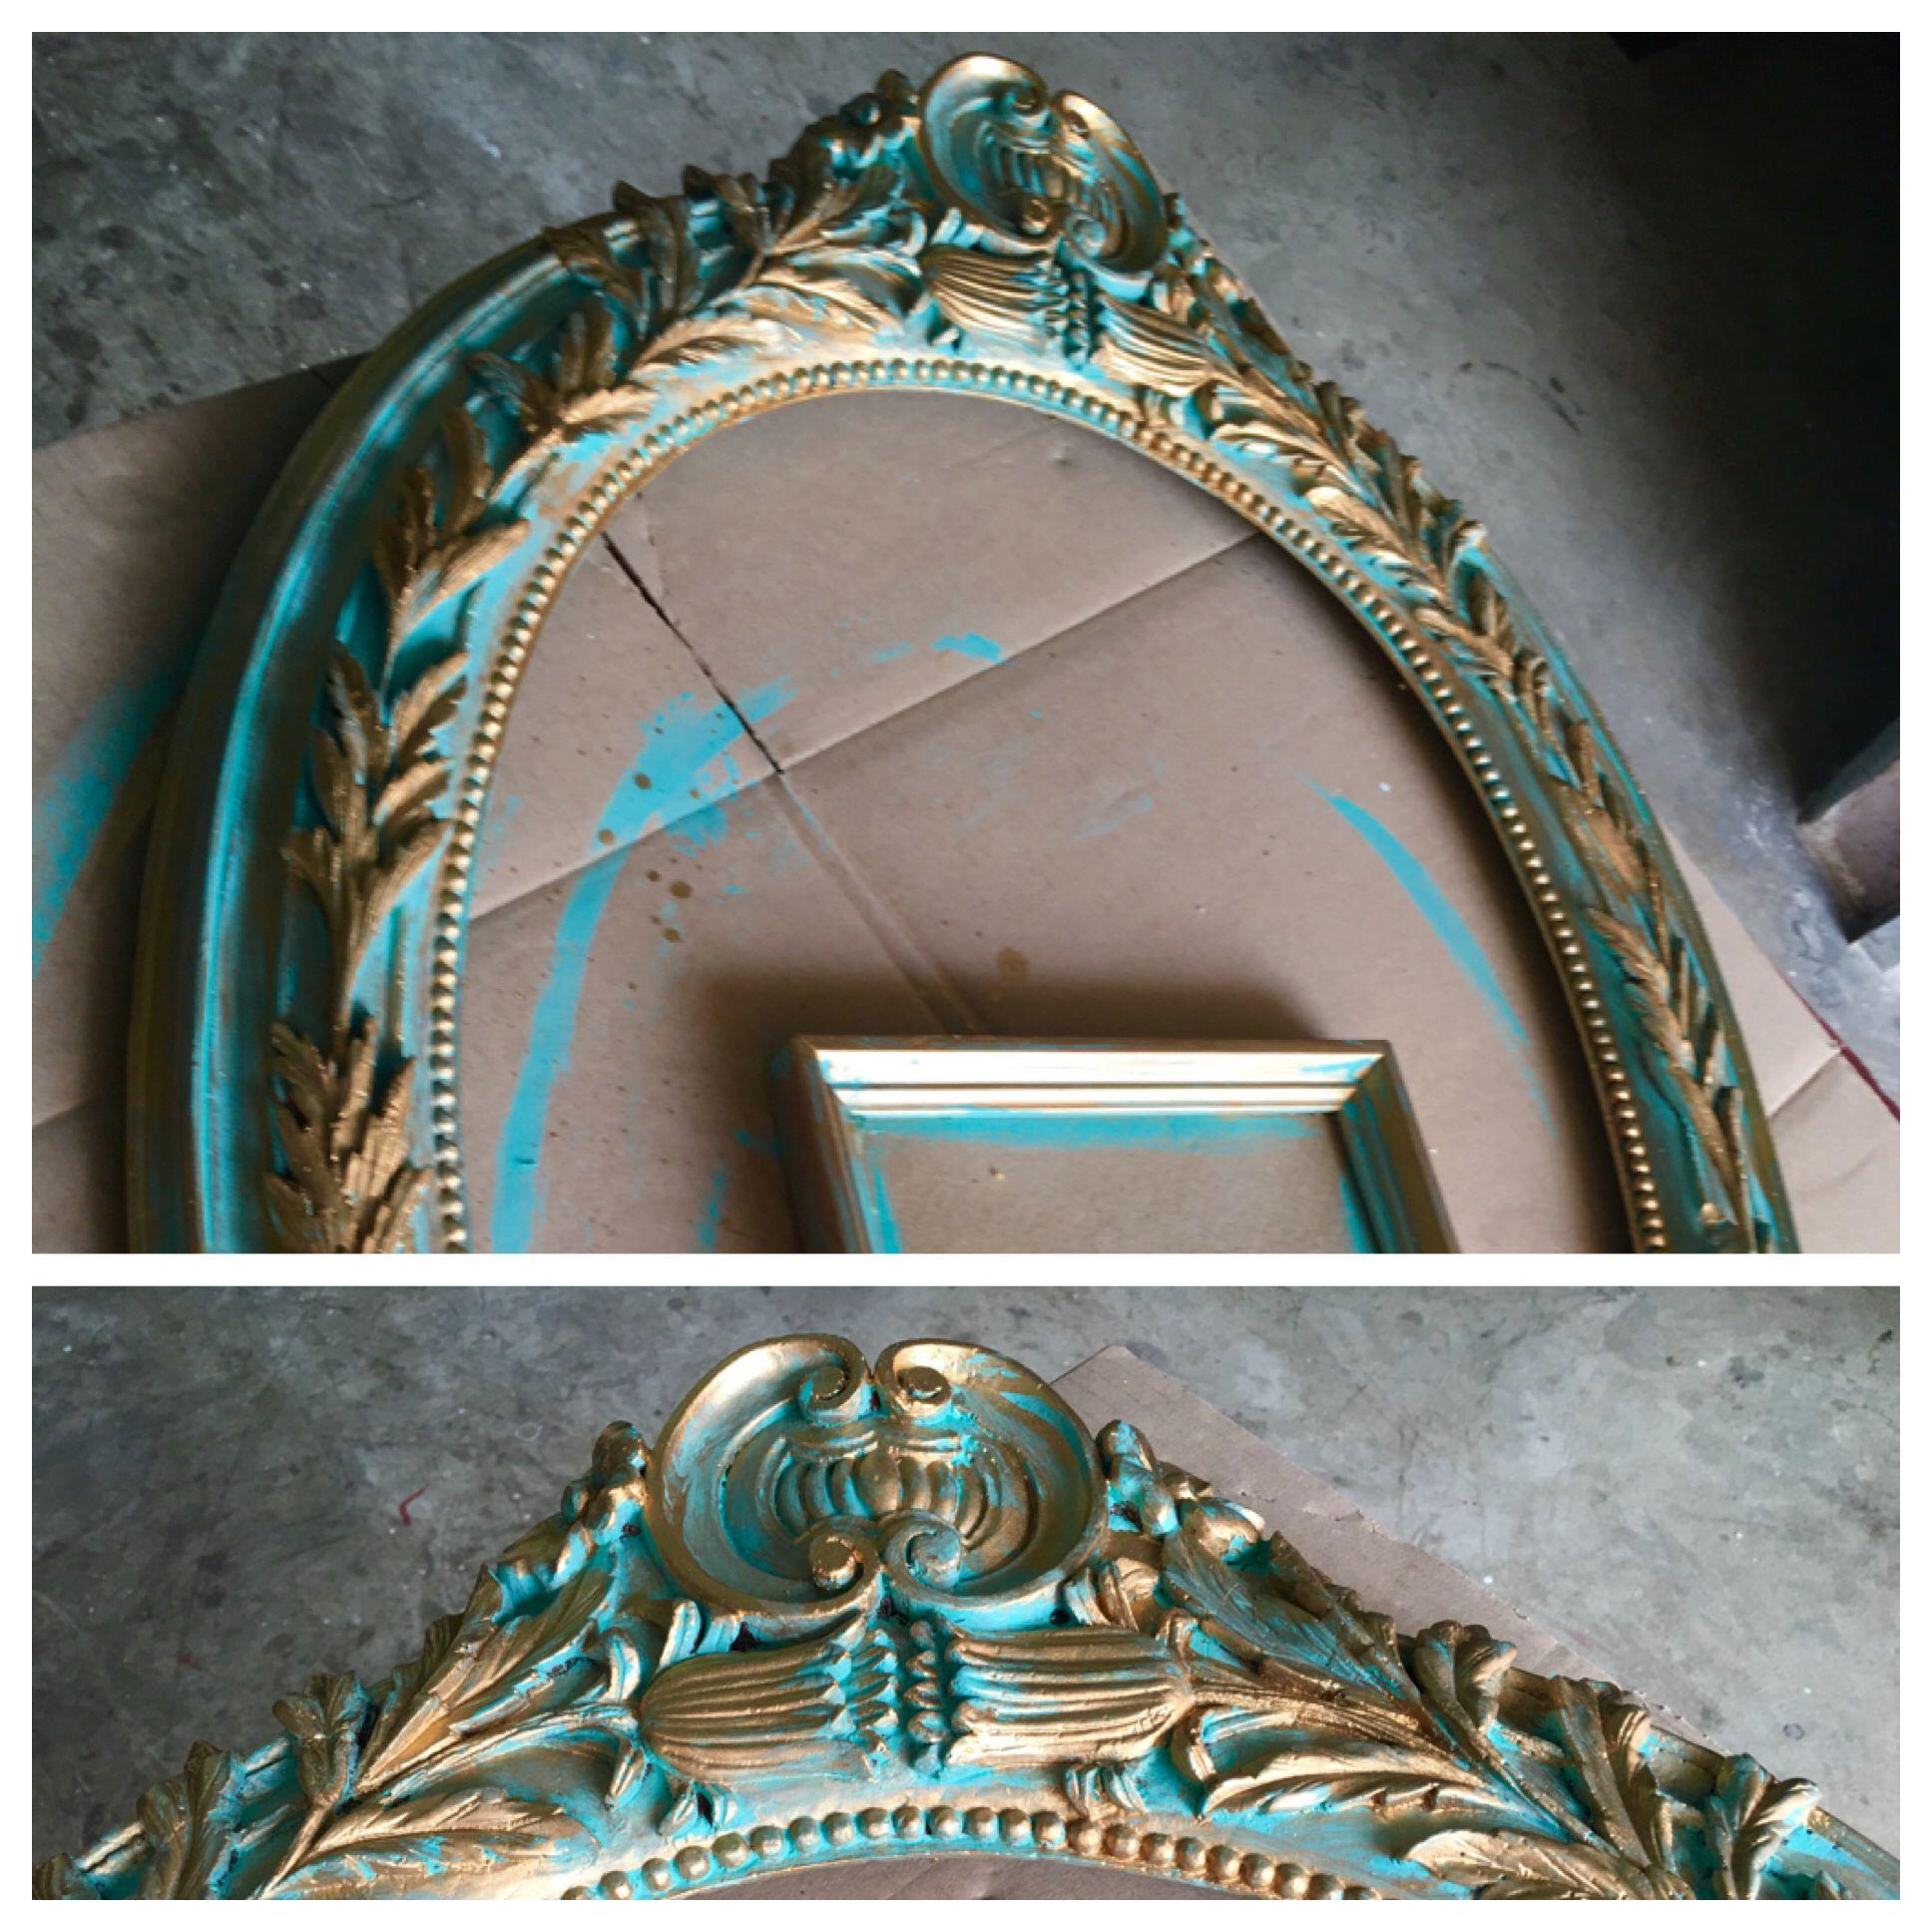 Pintando Con Azul Turquesa Y Dorado En Reciclandoenelatico  # Muebles Lissette